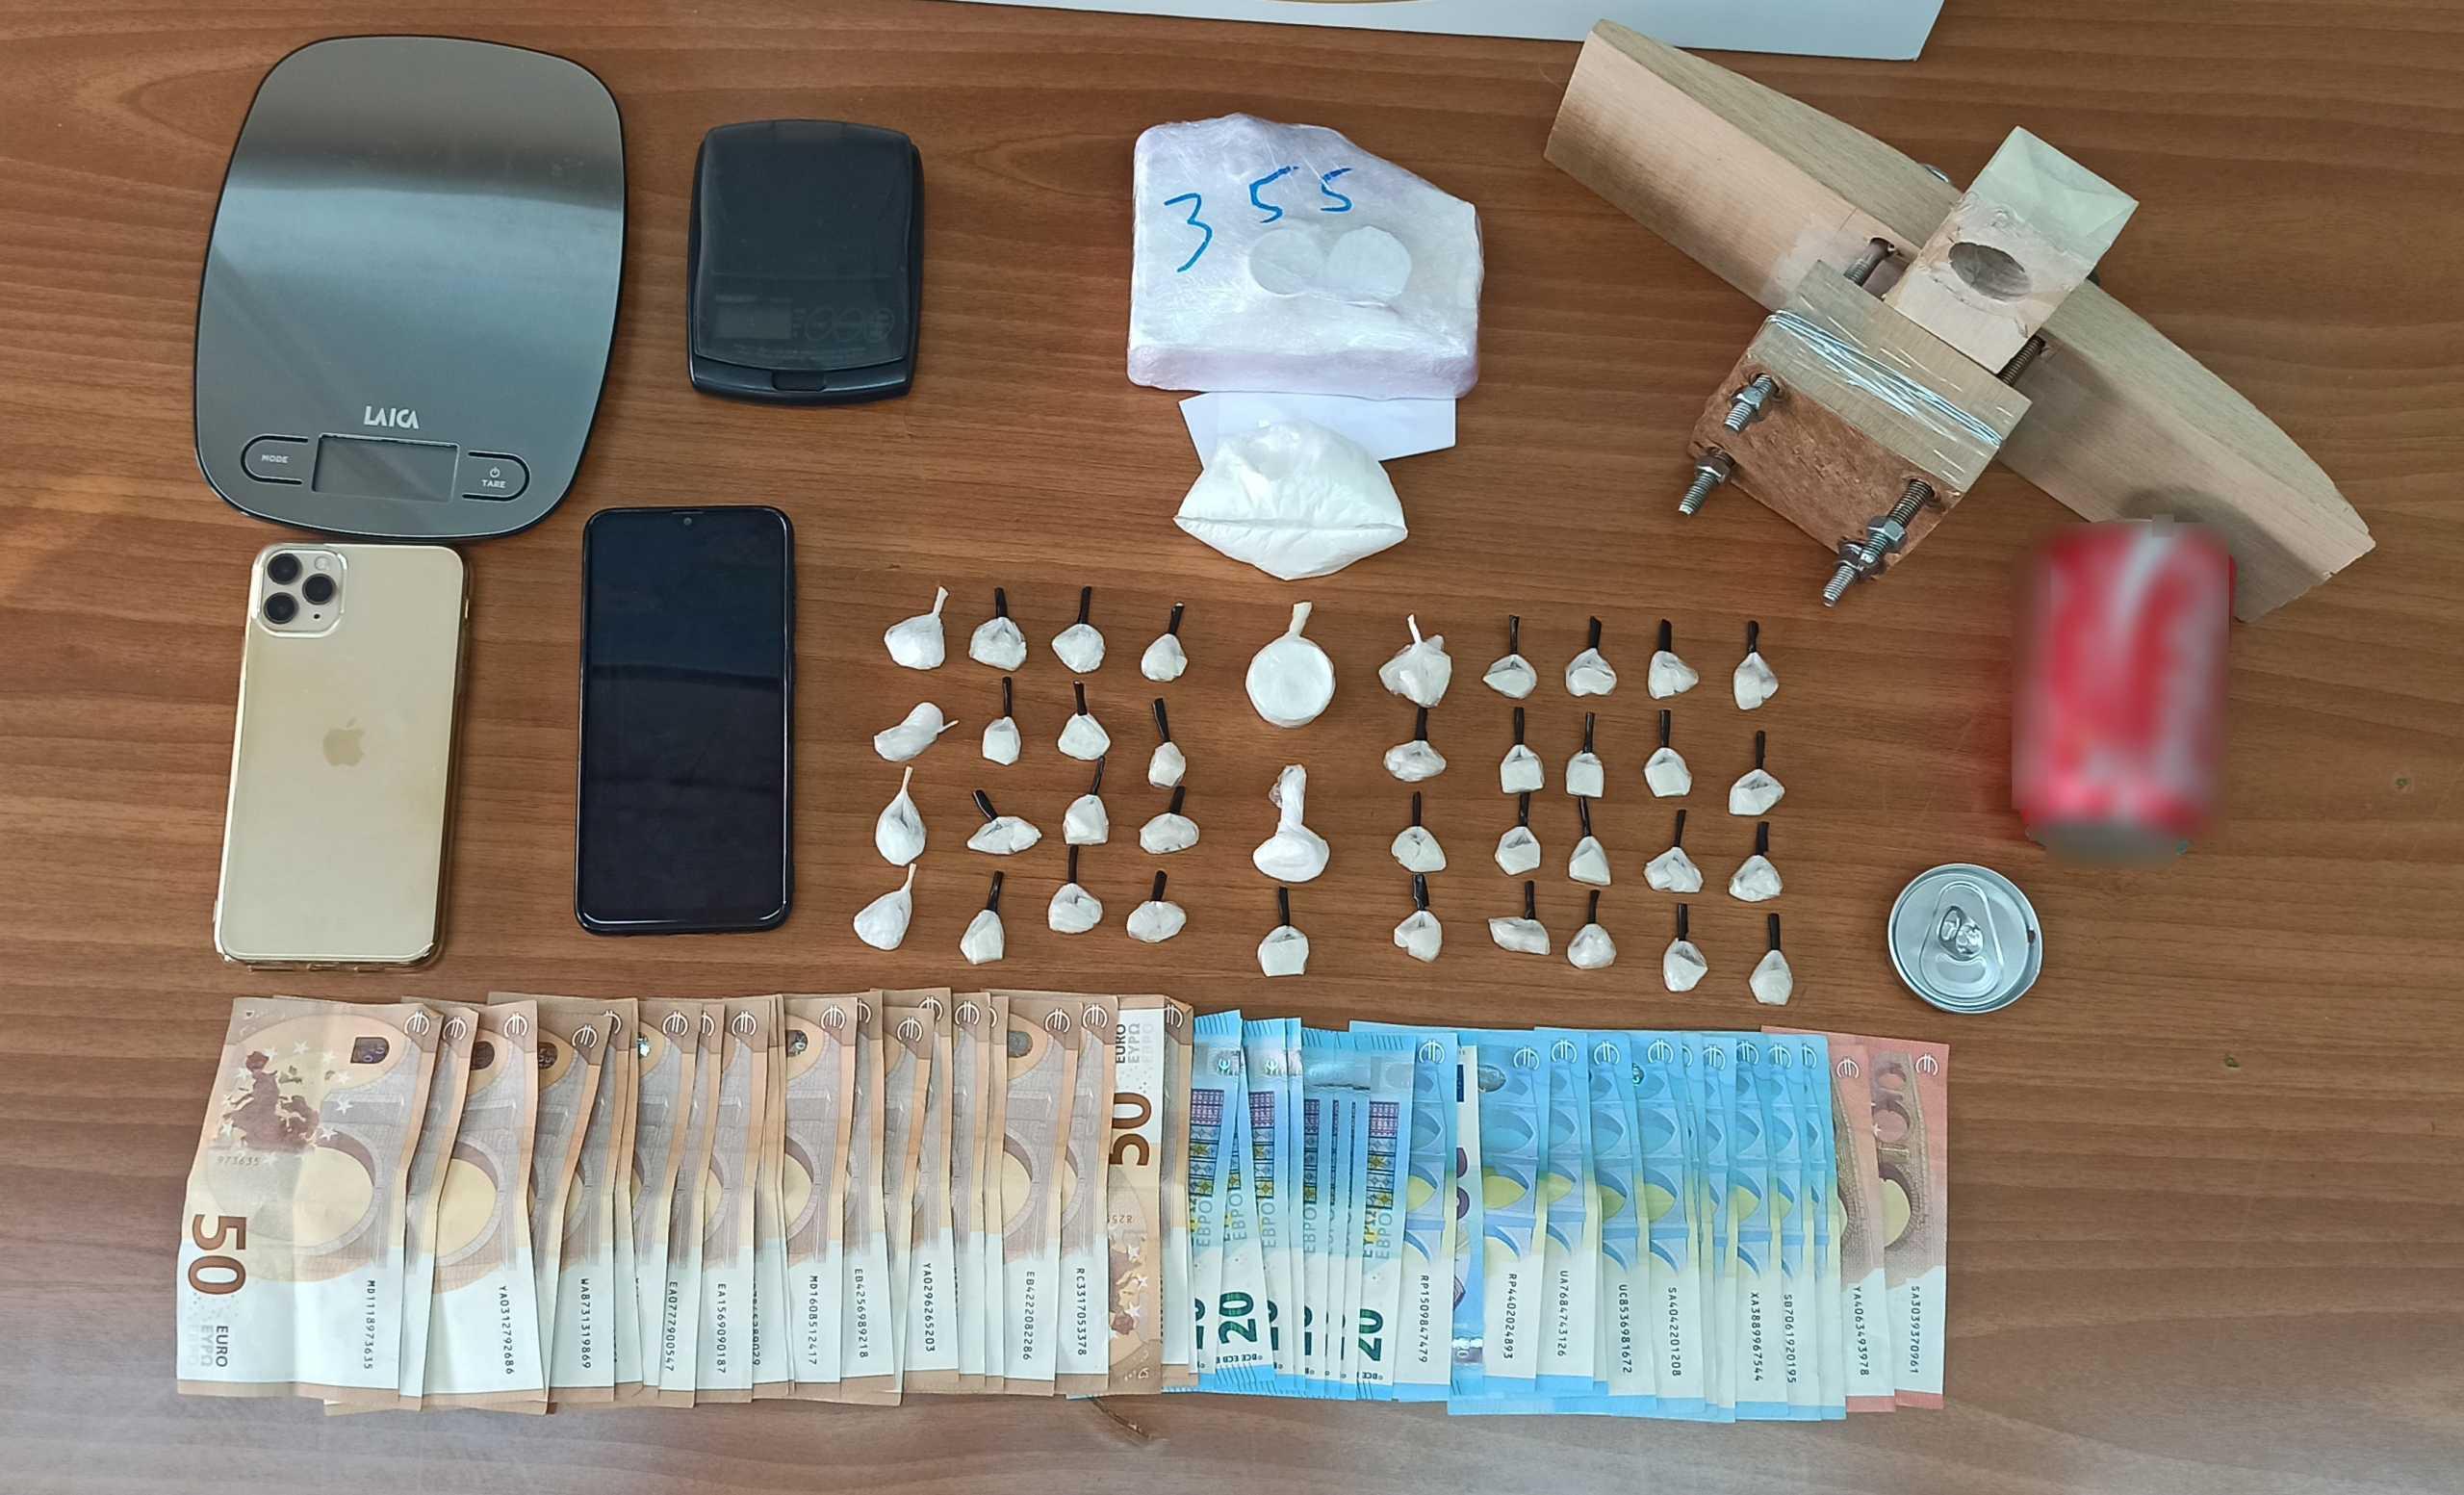 Άλιμος: Κάτω από το χειρόφρενο του αυτοκινήτου είχε κοκαΐνη – Δύο συλλήψεις